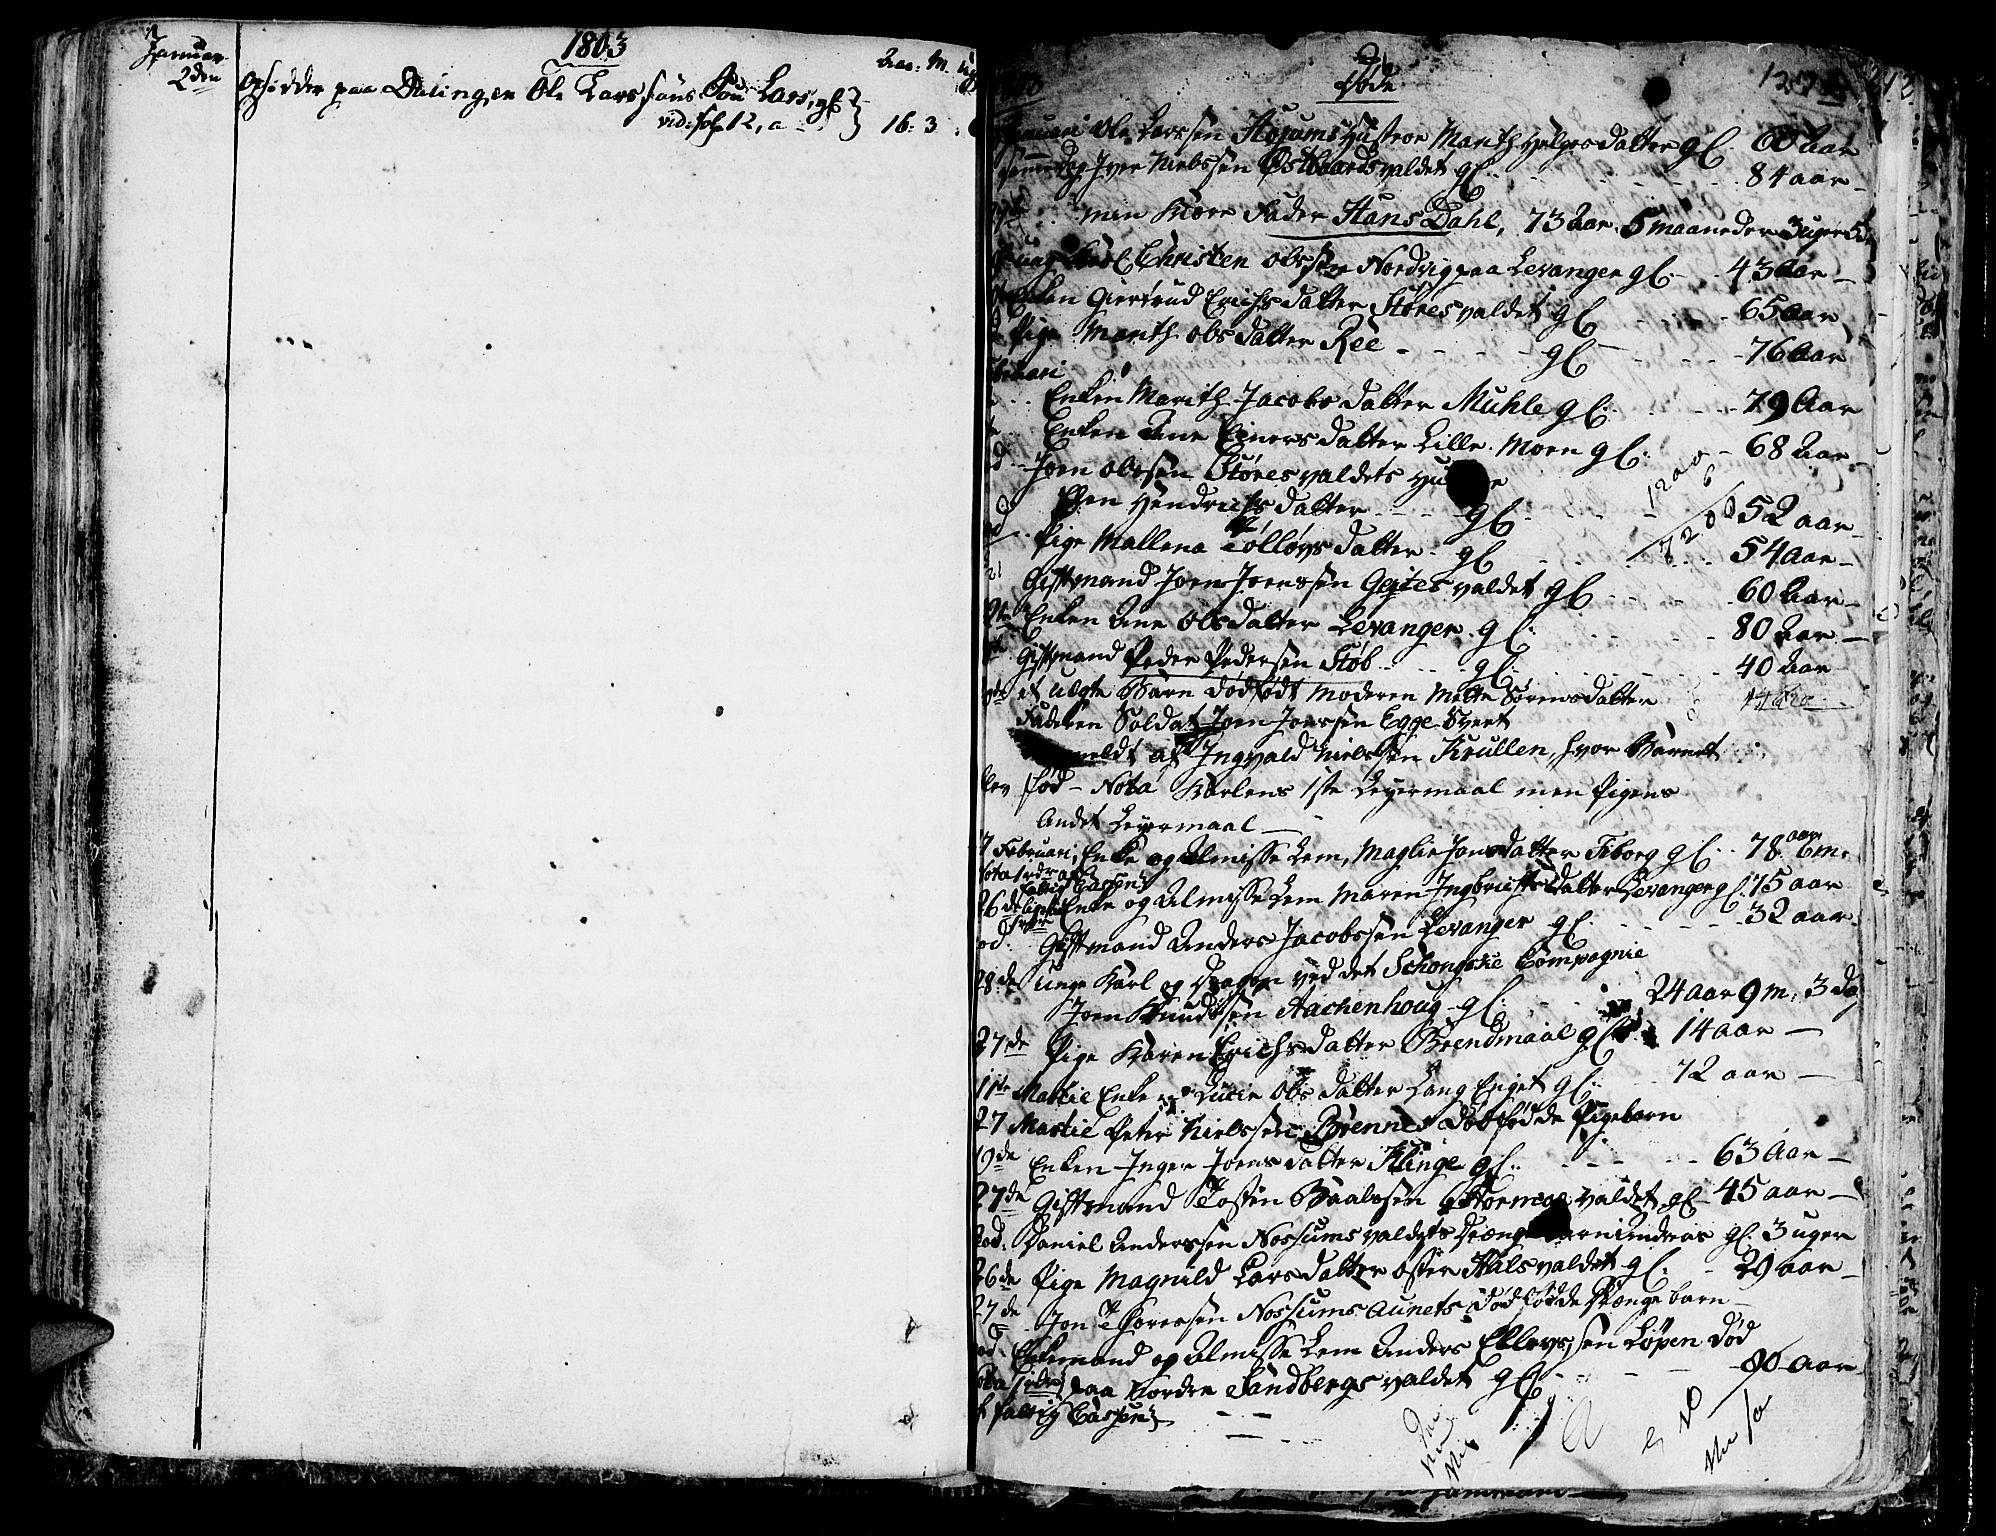 SAT, Ministerialprotokoller, klokkerbøker og fødselsregistre - Nord-Trøndelag, 717/L0142: Ministerialbok nr. 717A02 /1, 1783-1809, s. 127b